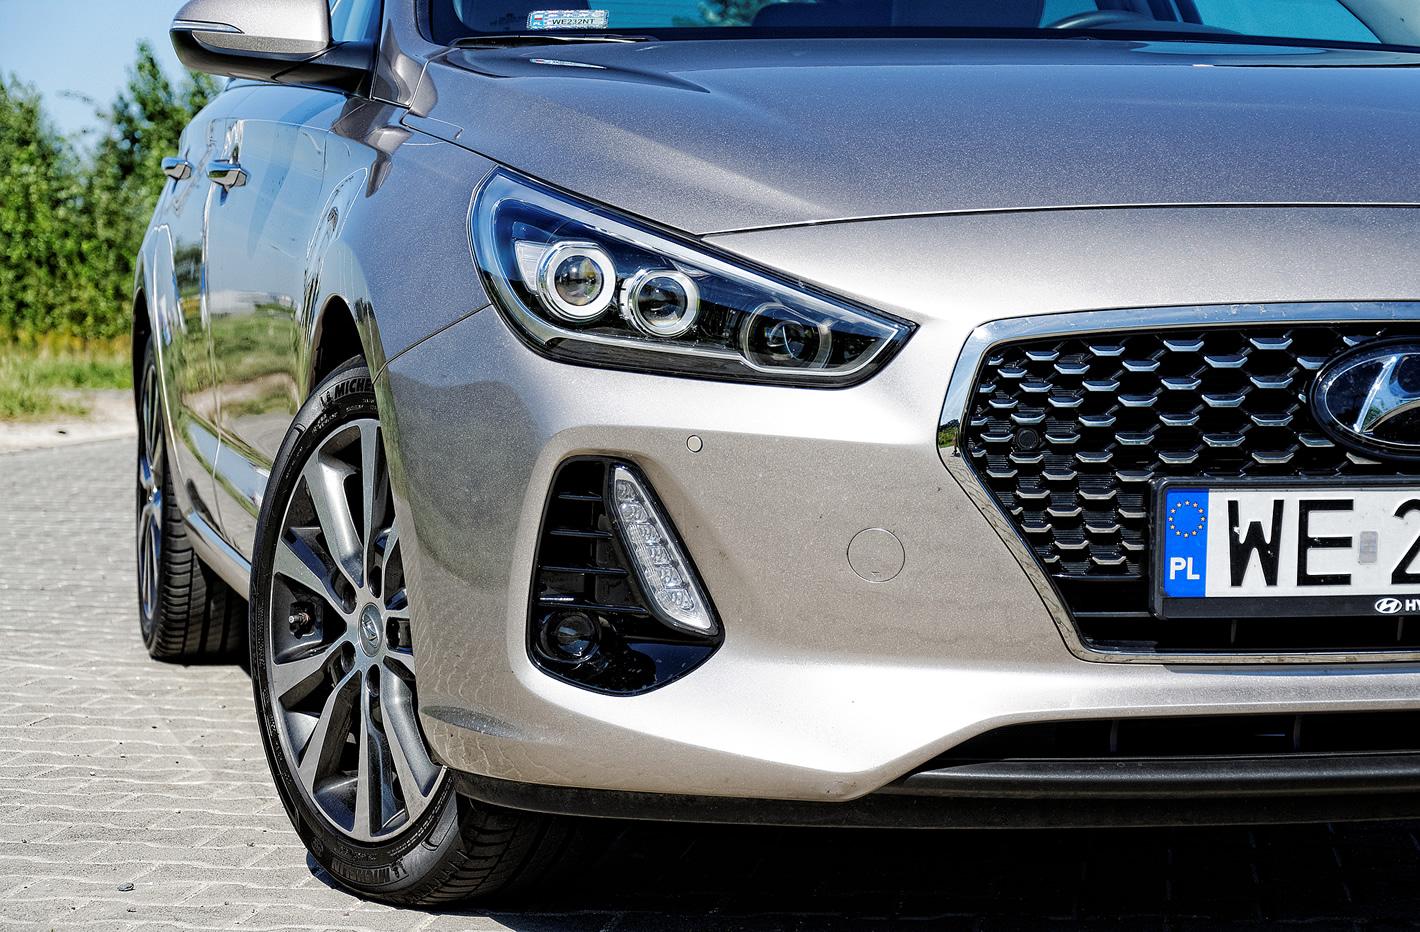 Ceny Hyundaia i30 startują od 67 tys. zł